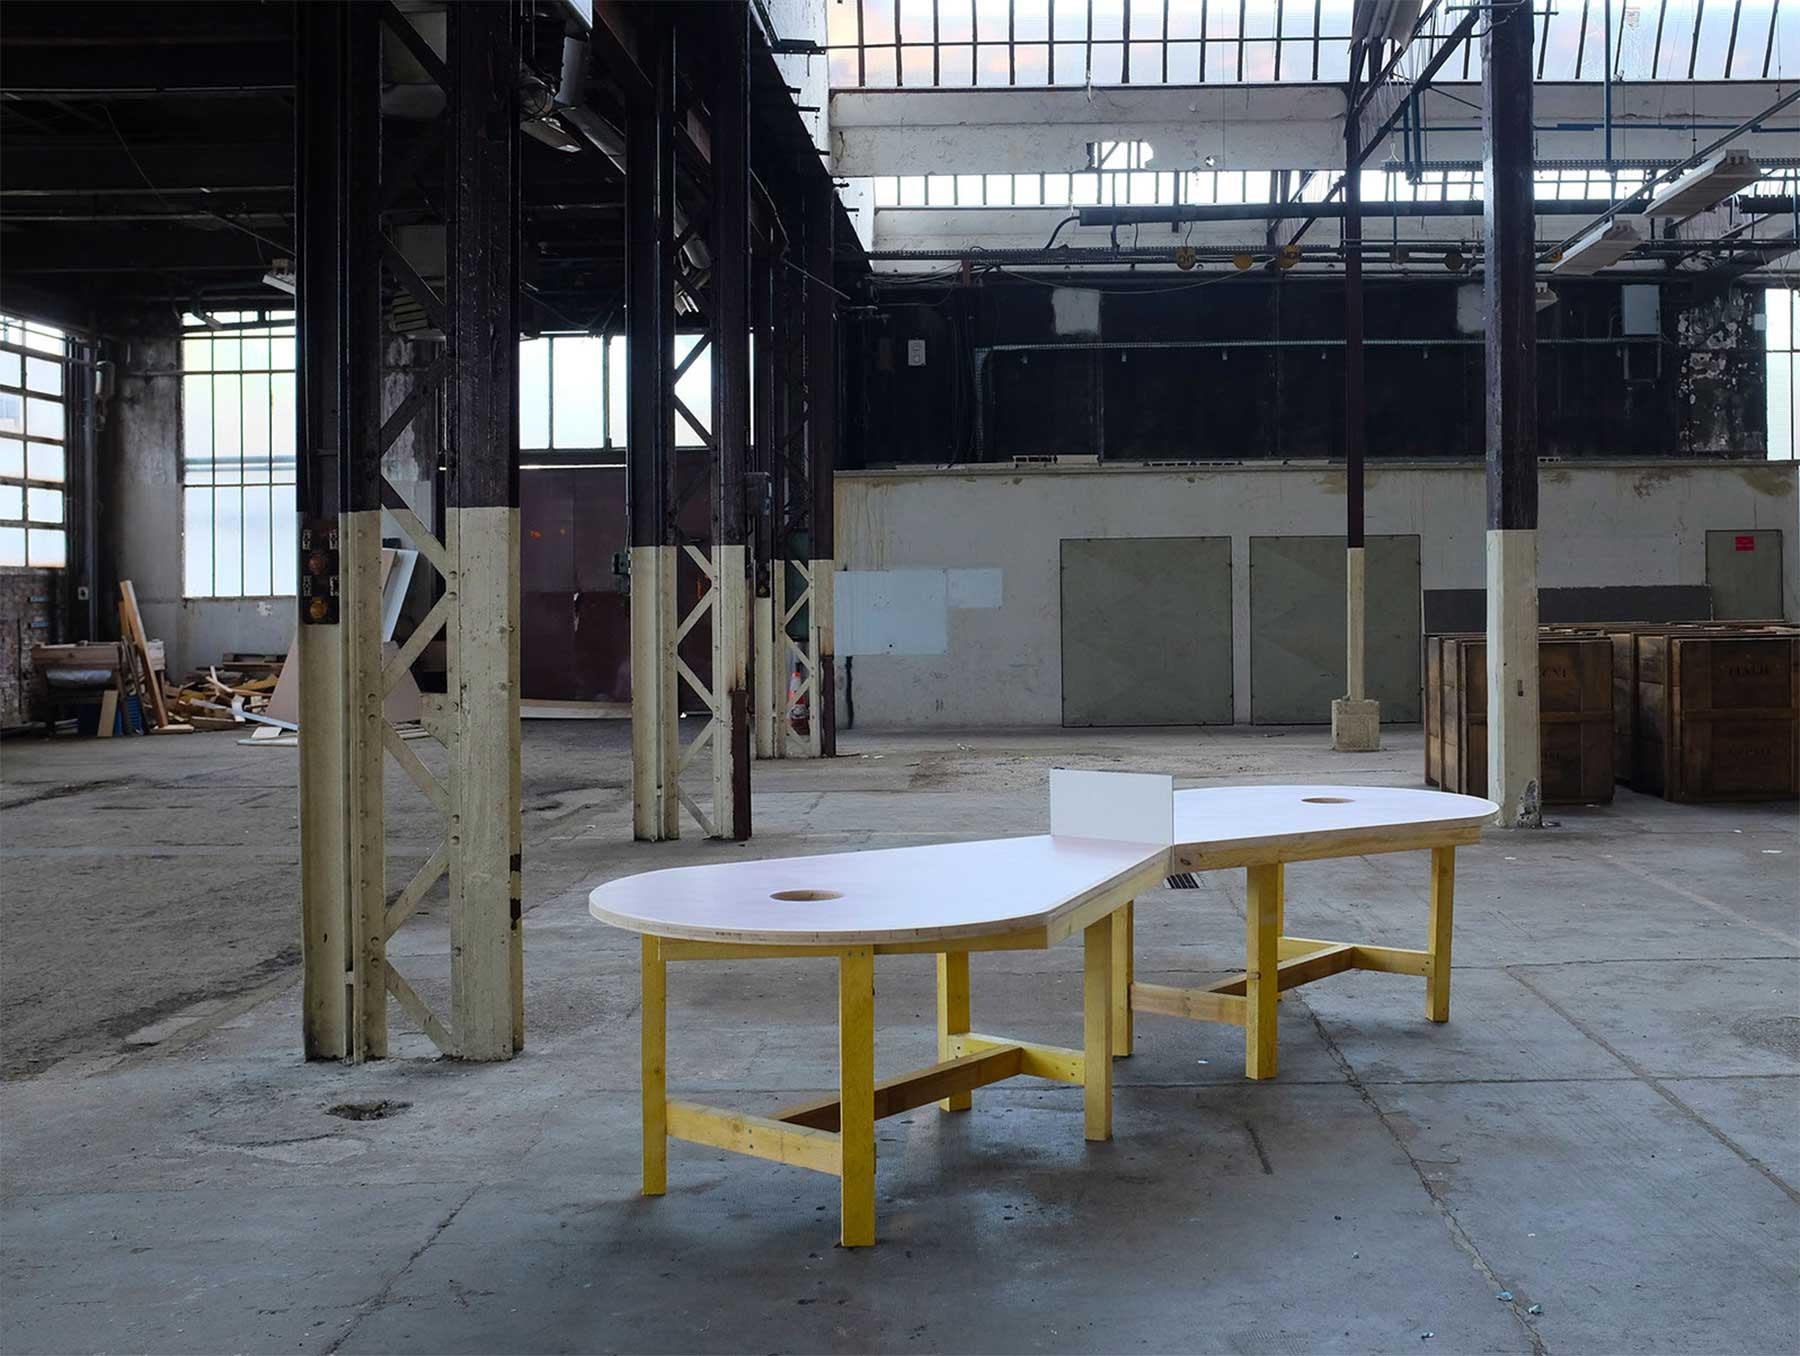 Tischtennis ad absurdum ping-pong-pang_02